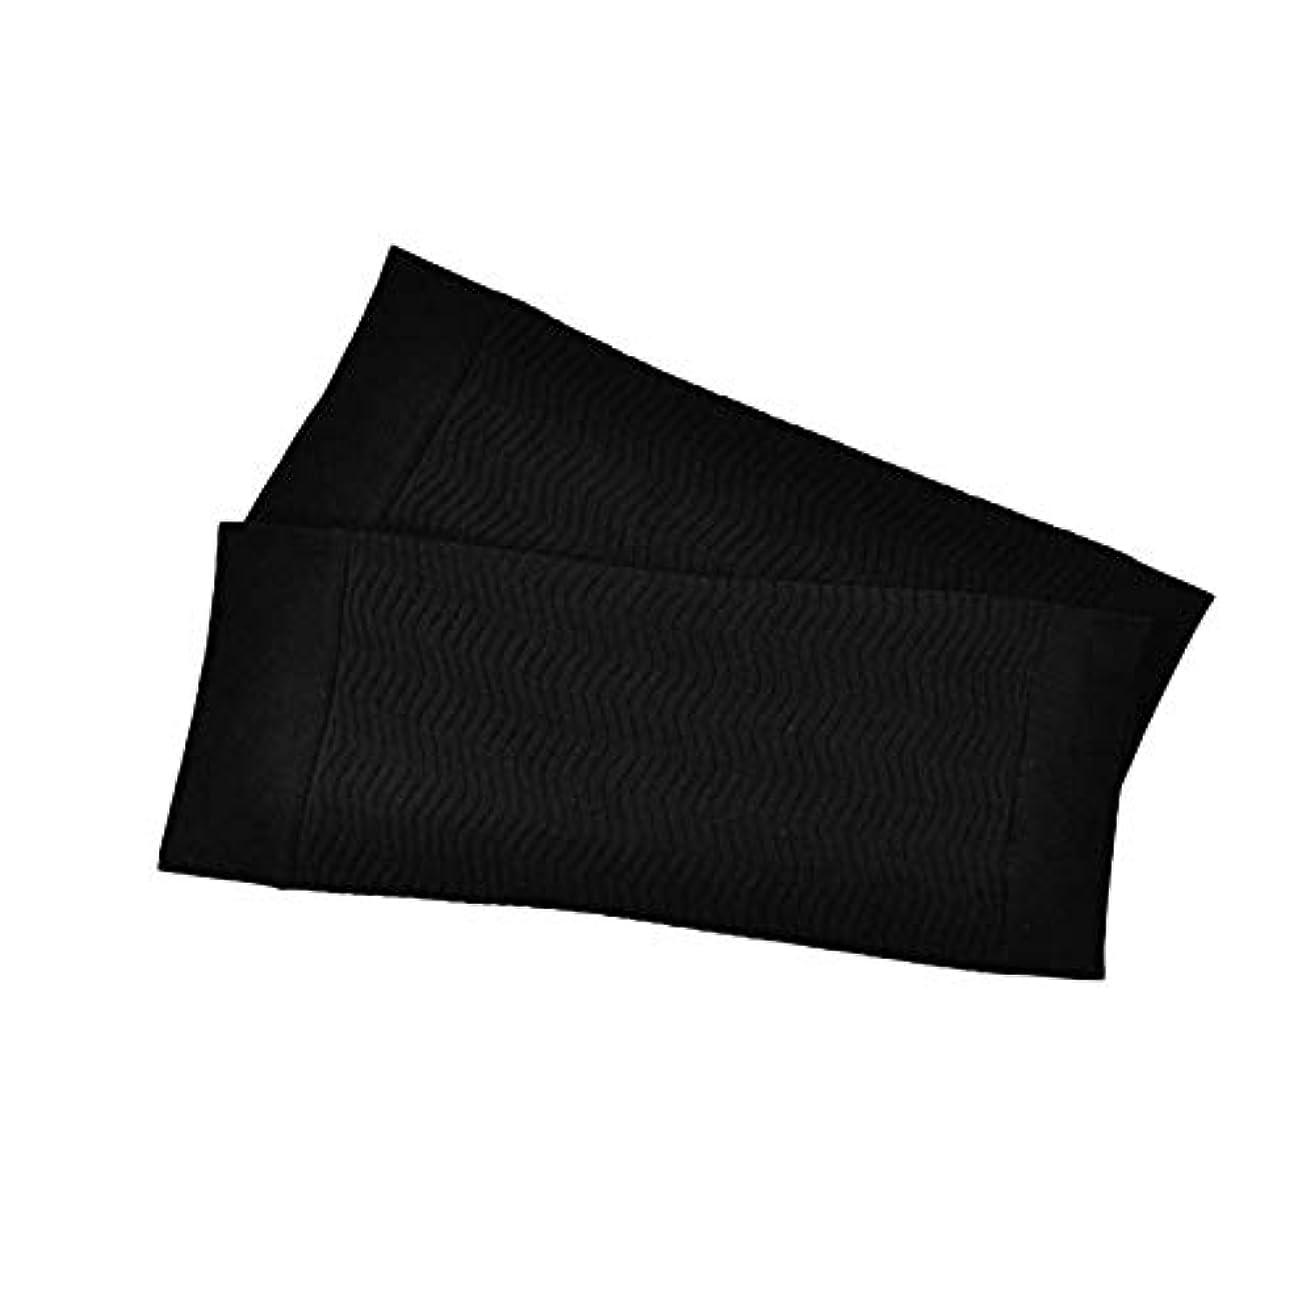 安全でない窓を洗う眩惑する1ペア680 D圧縮アームシェイパーワークアウトトーニングバーンセルライトスリミングアームスリーブ脂肪燃焼半袖用女性 - ブラック